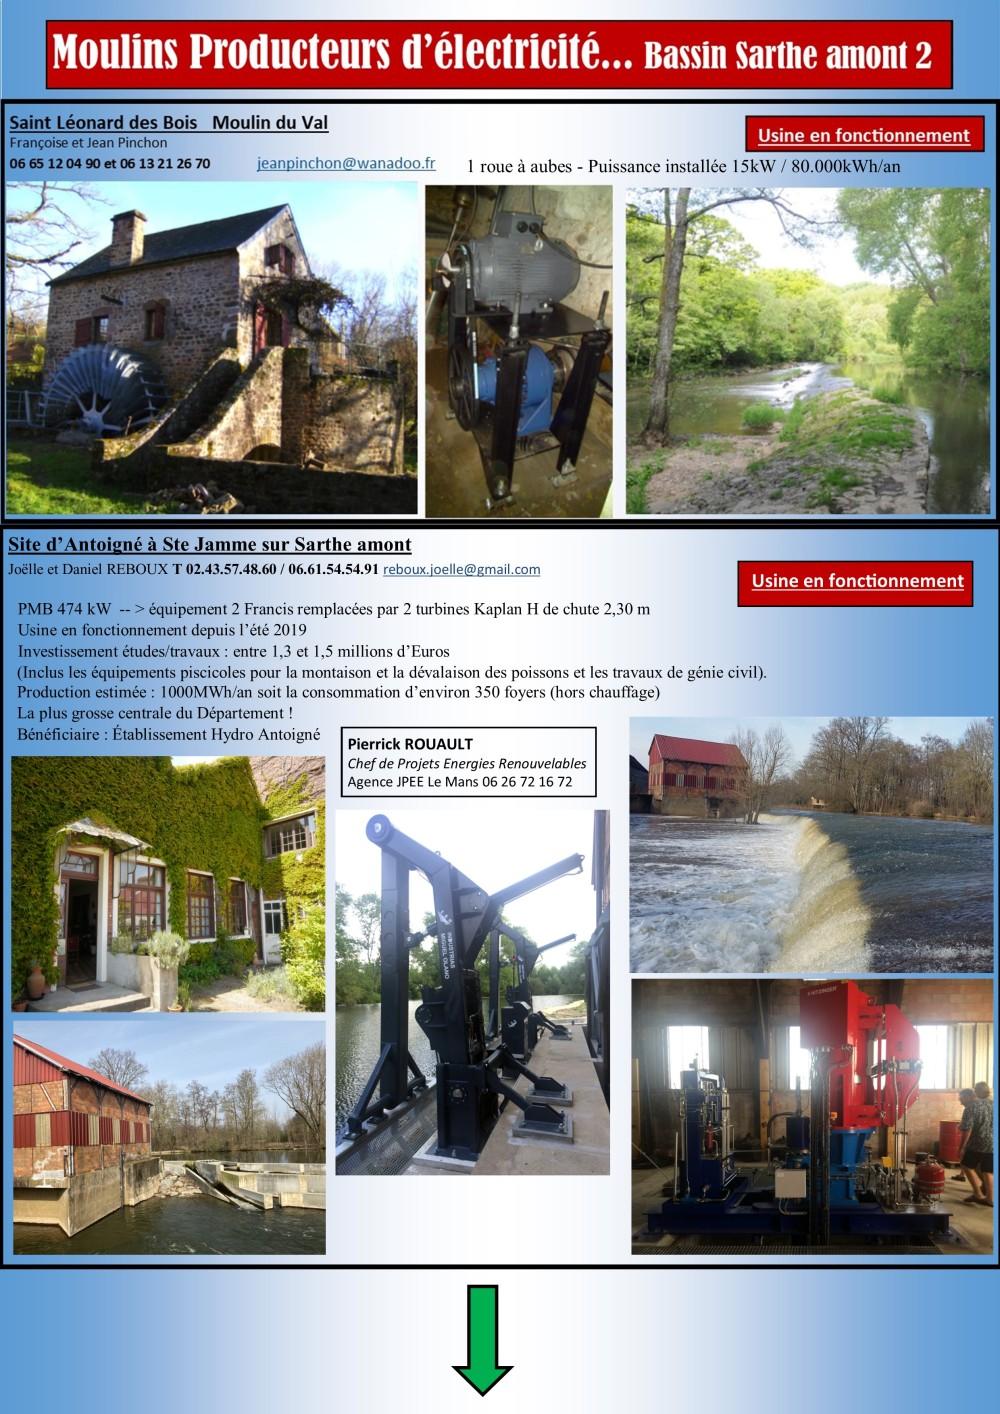 Hydroélectricité Sarthe amont 2